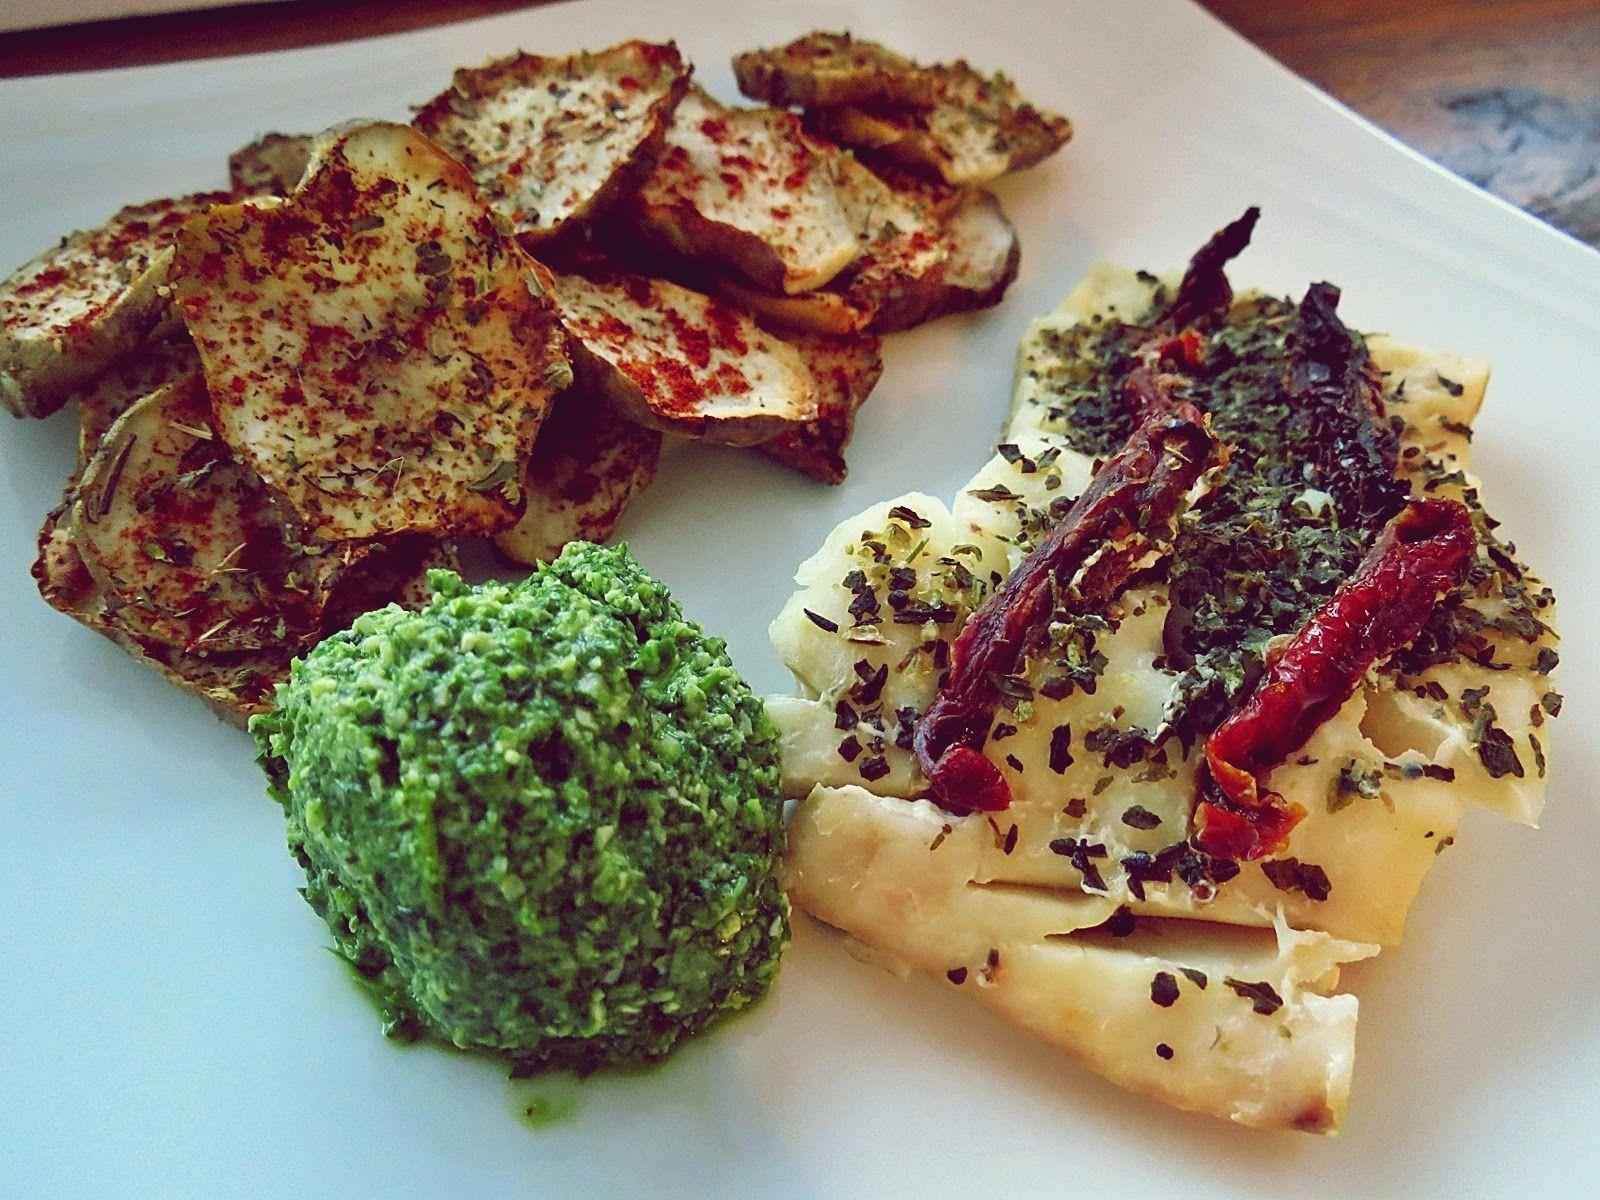 peanutbuttermonster: Pesto z nerkowców i rukoli oraz dorsz pieczony z suszonymi pomidorami, czyli prosto i wykwintnie